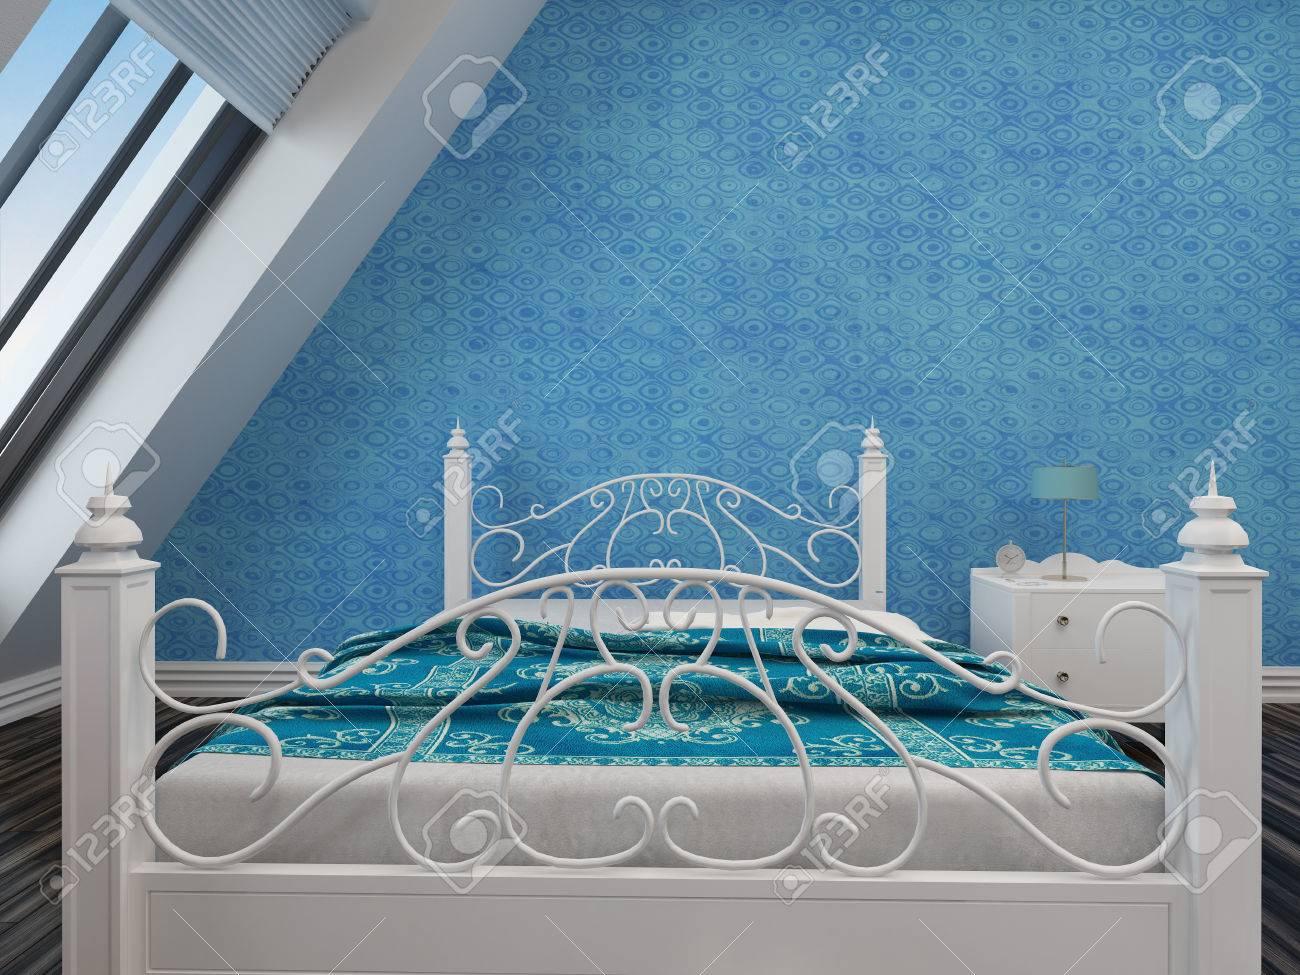 letto matrimoniale dwg: vovell.com specchio bagno vintage legno ... - Letto Matrimoniale Dwg